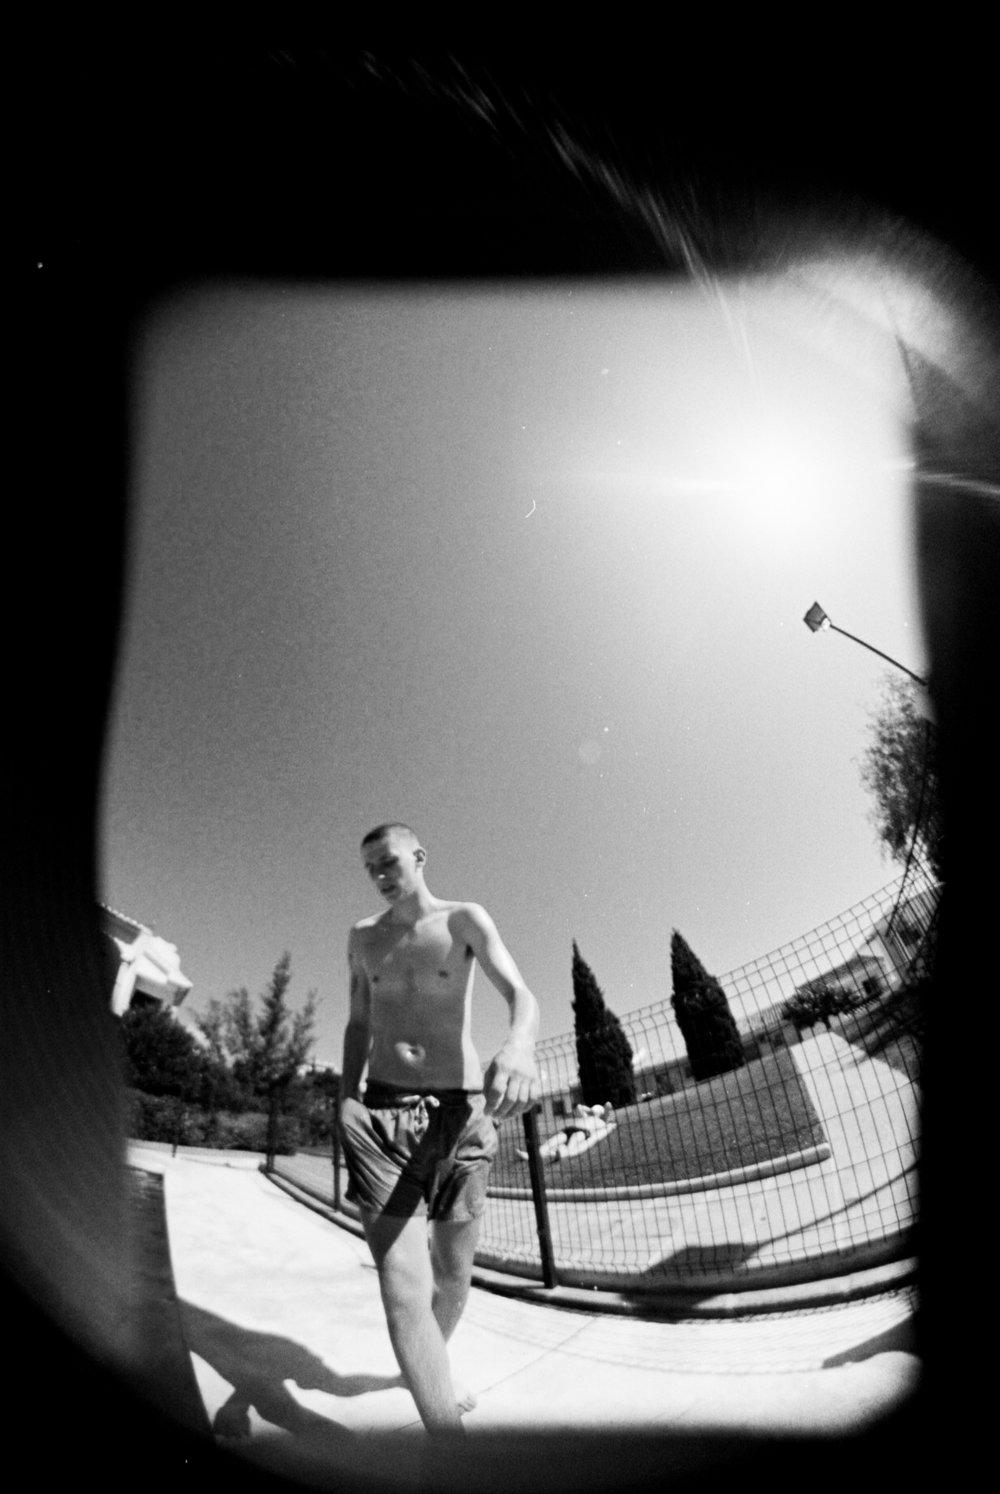 H at pool.